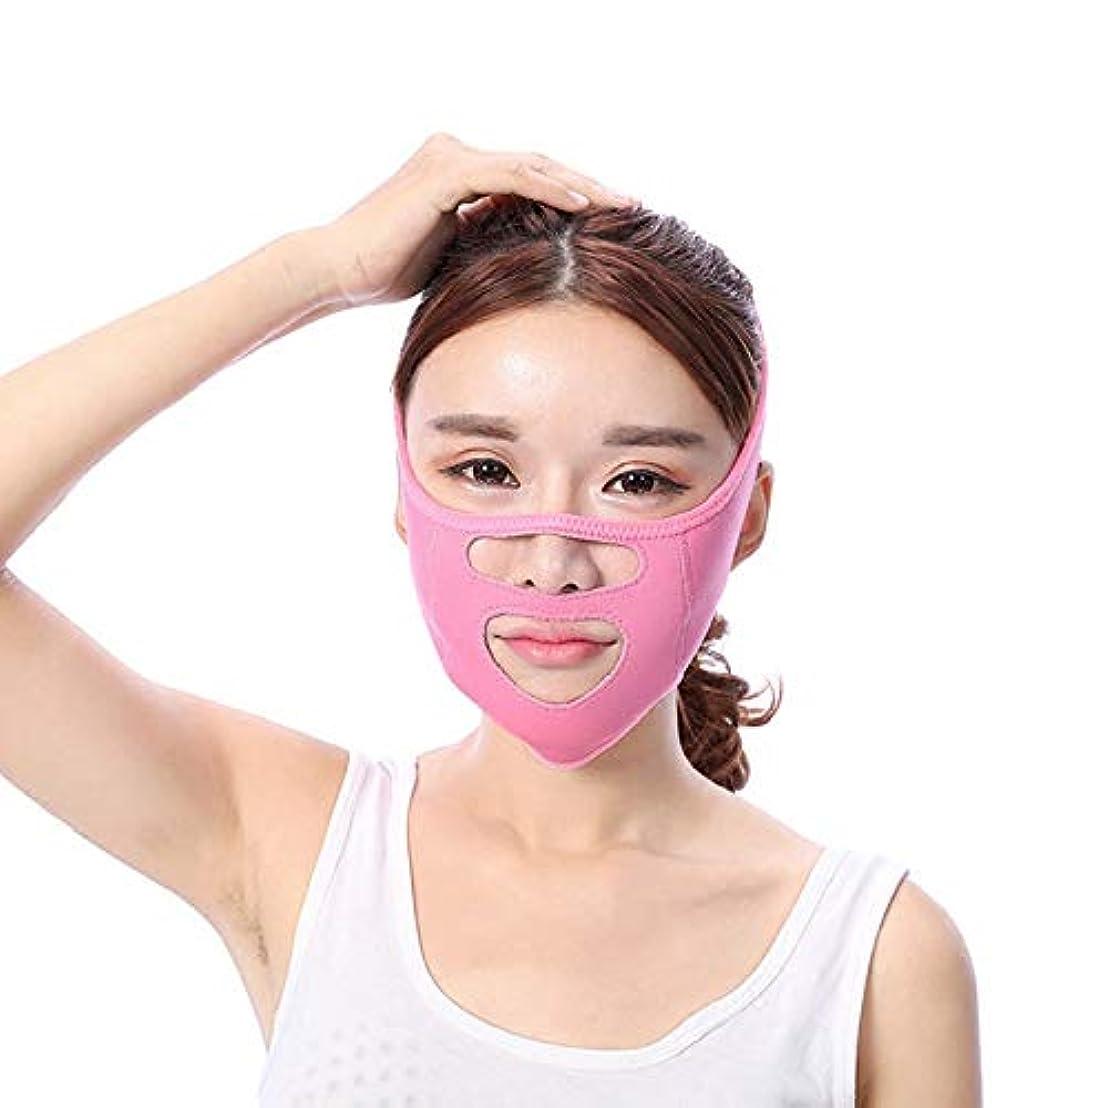 未来一般的に言えばスタウトフェイスリフトベルト フェイスリフトベルトフェイスバンデージ美容機器リフティングファインディングダブルチン法令Vマスク睡眠マスク通気性